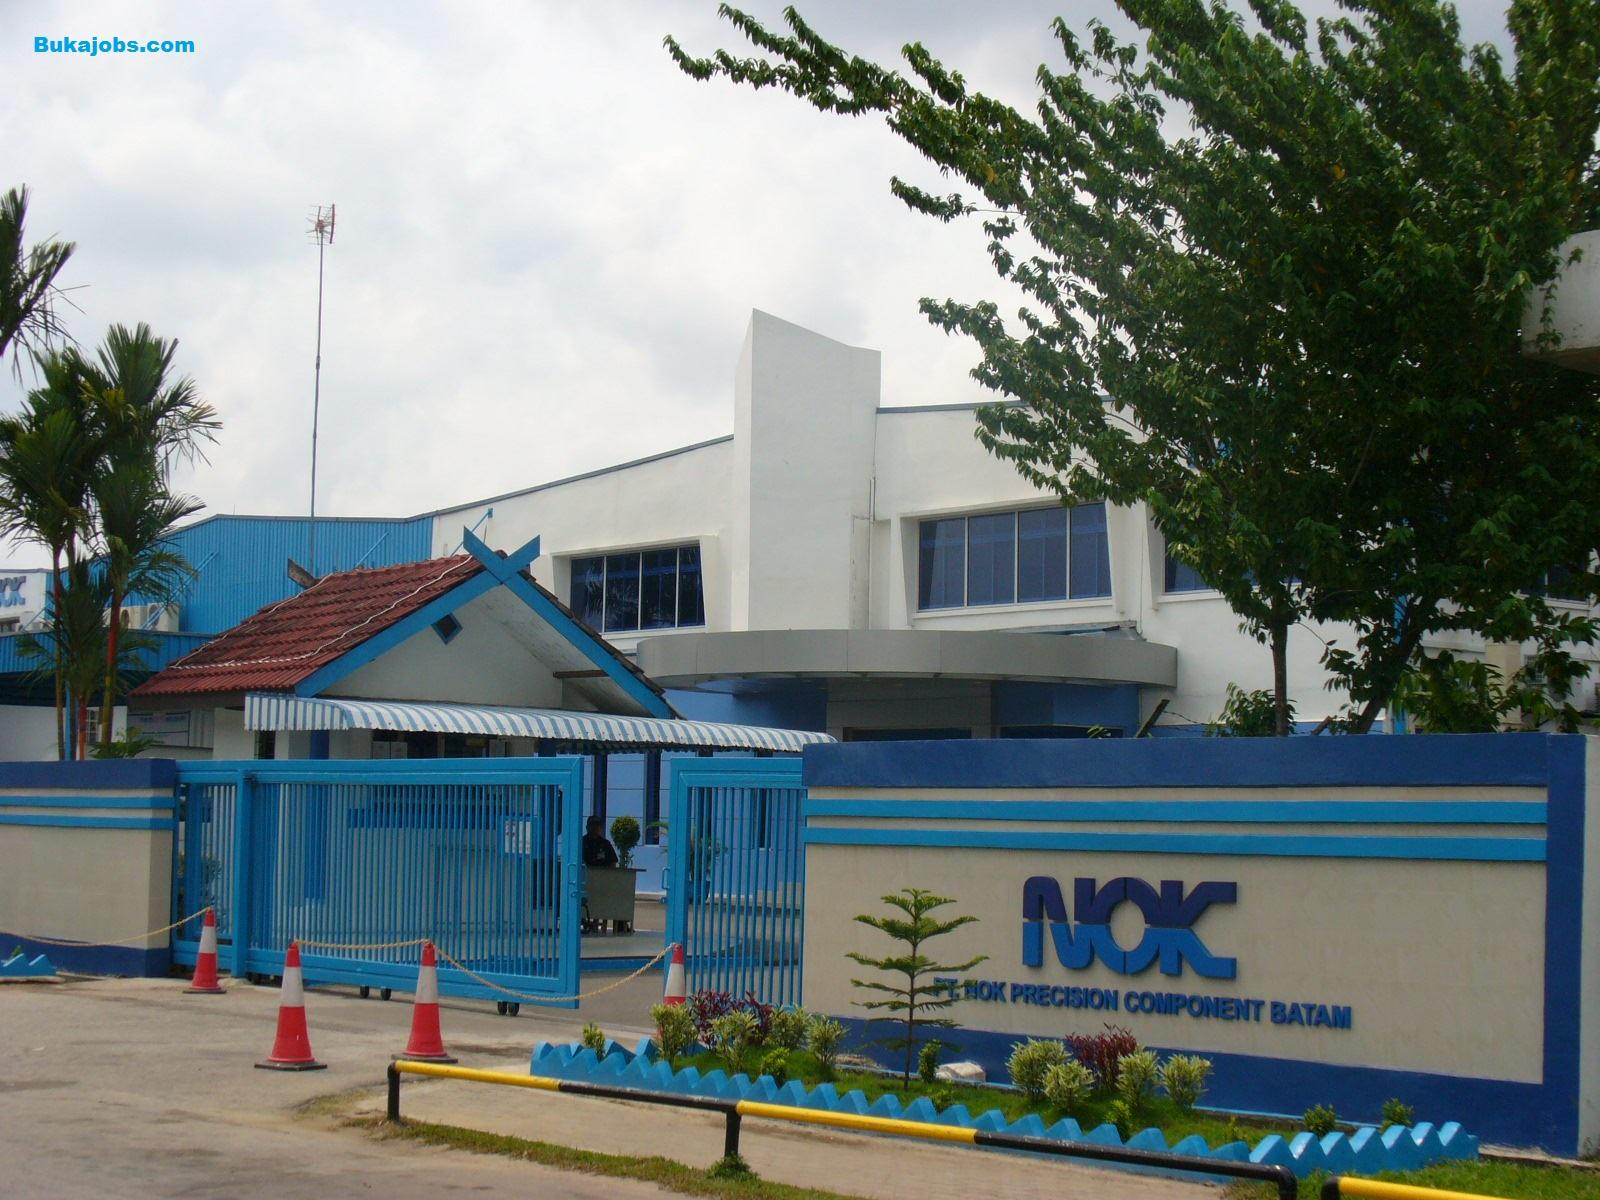 Lowongan Kerja Terbaru PT Nok Indonesia